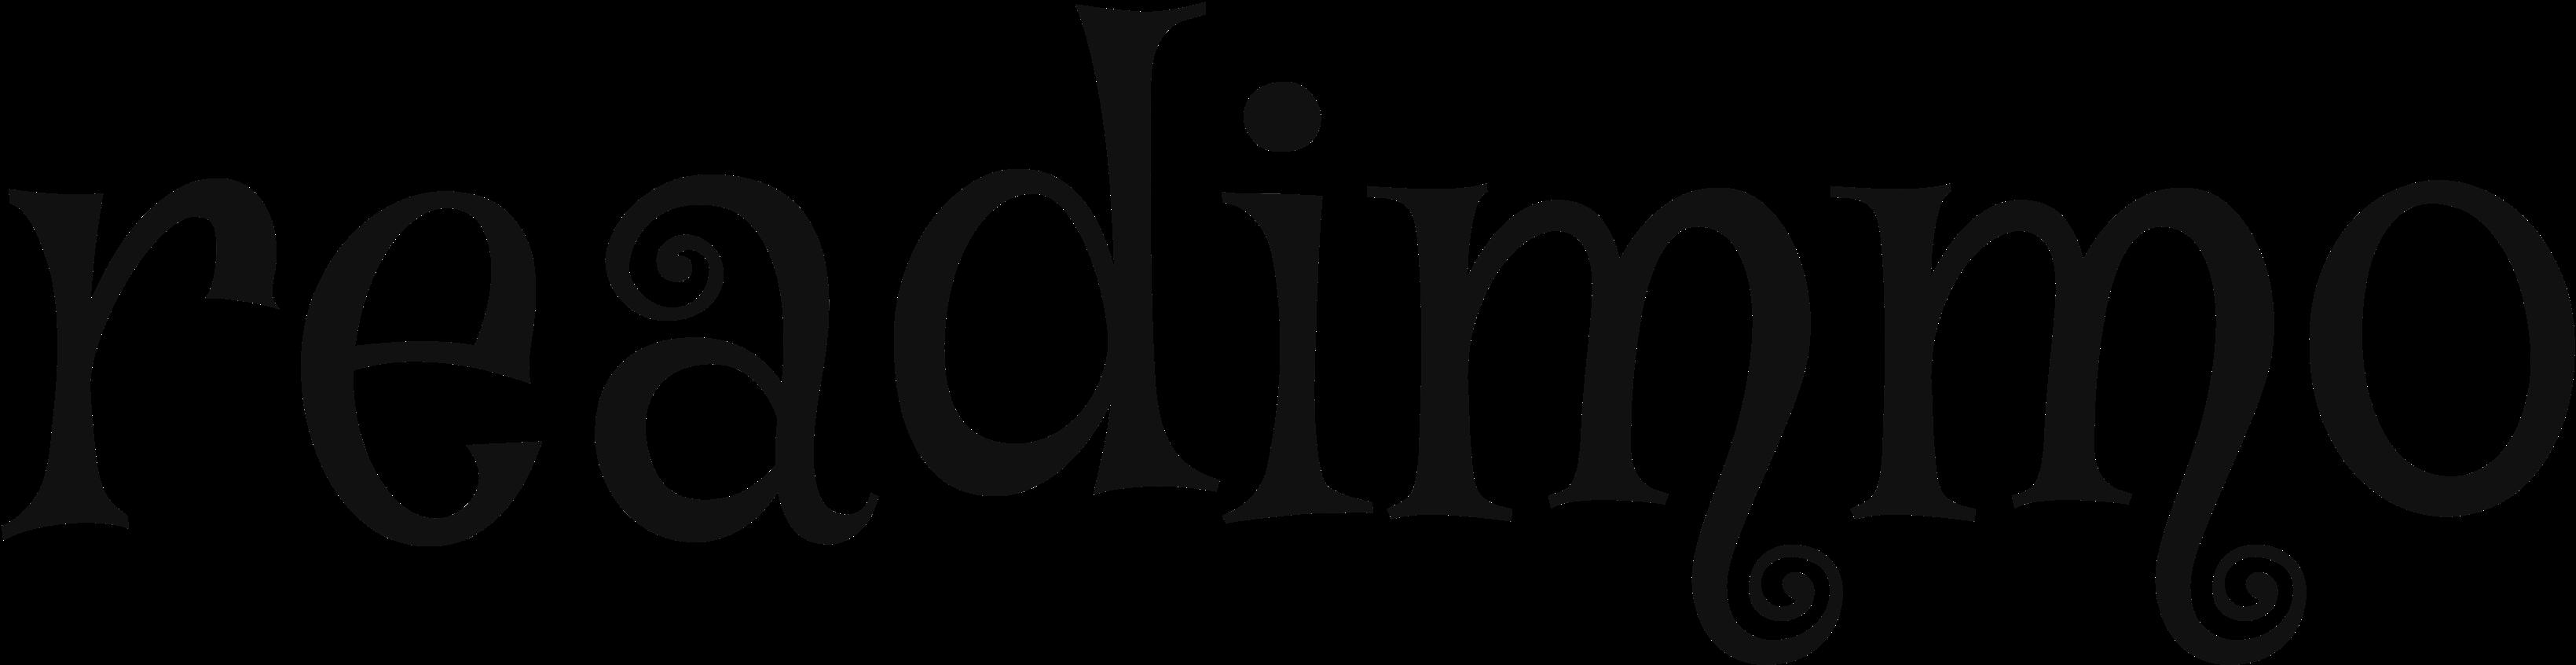 Графичен знак на сайта за киги Рийдимо